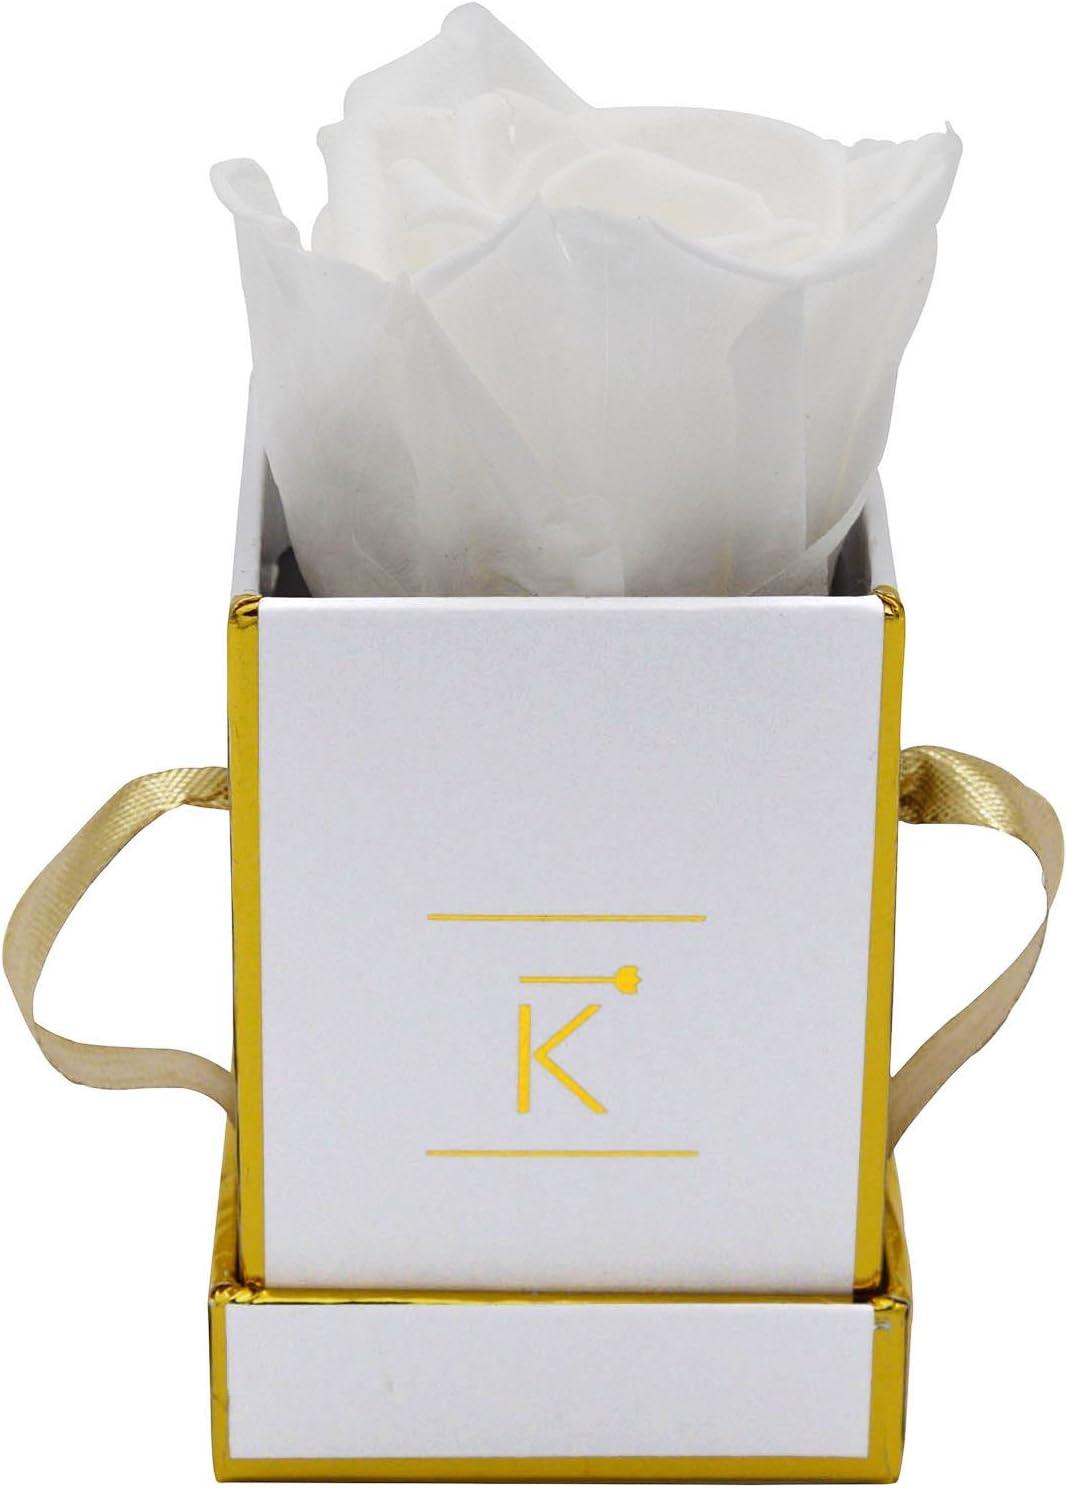 Triple K - Caja para rosa (cuadrada, hasta 3 años, incluye tarjeta de felicitación), blanco, xx-small